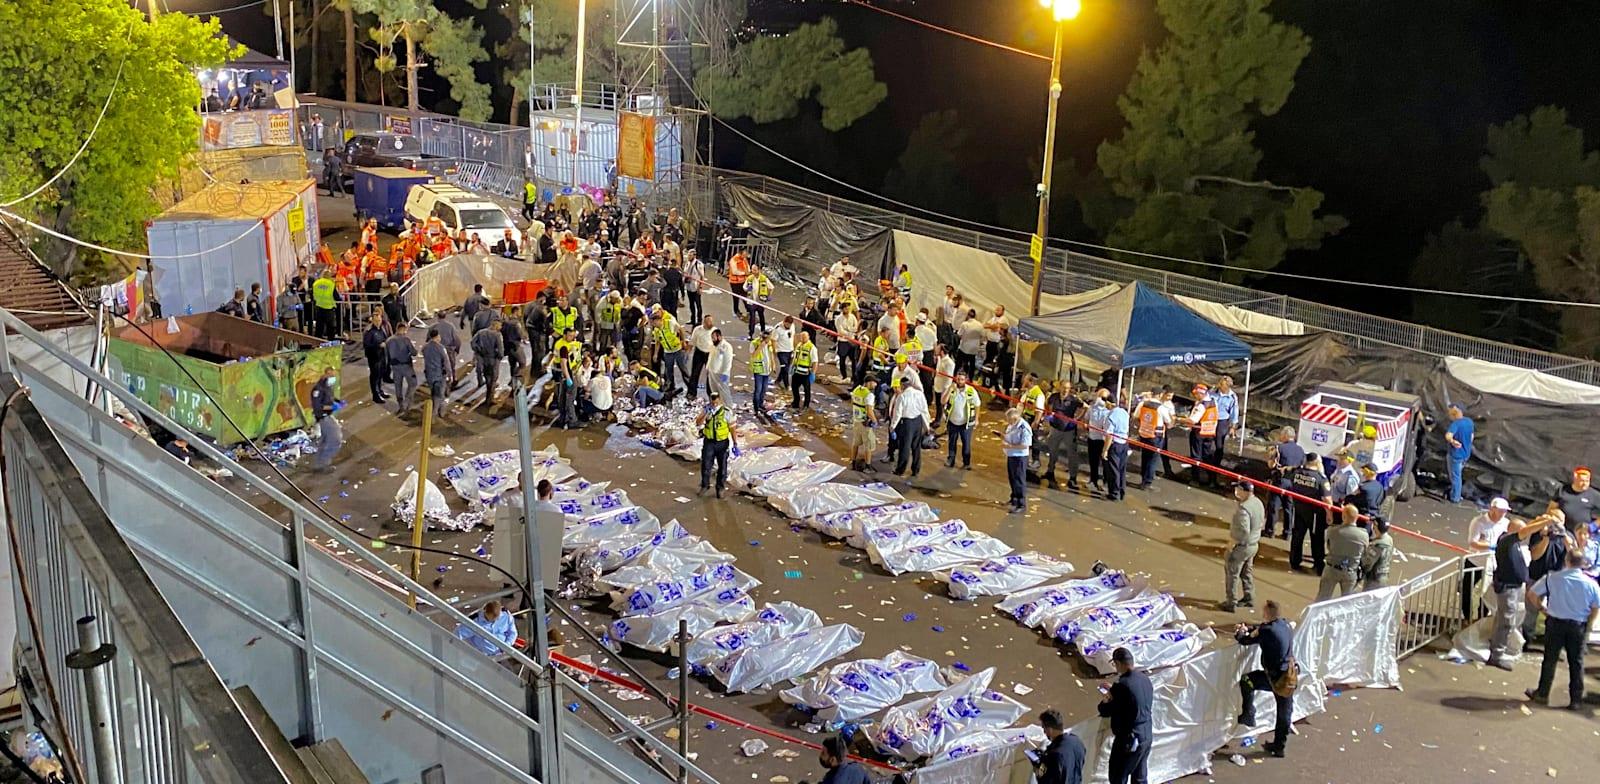 """כוחות ההצלה ומד""""א לצד הרוגי האסון בהר מירון / צילום: Reuters, Ishay Yerushalmi/Behadrei Haredim"""